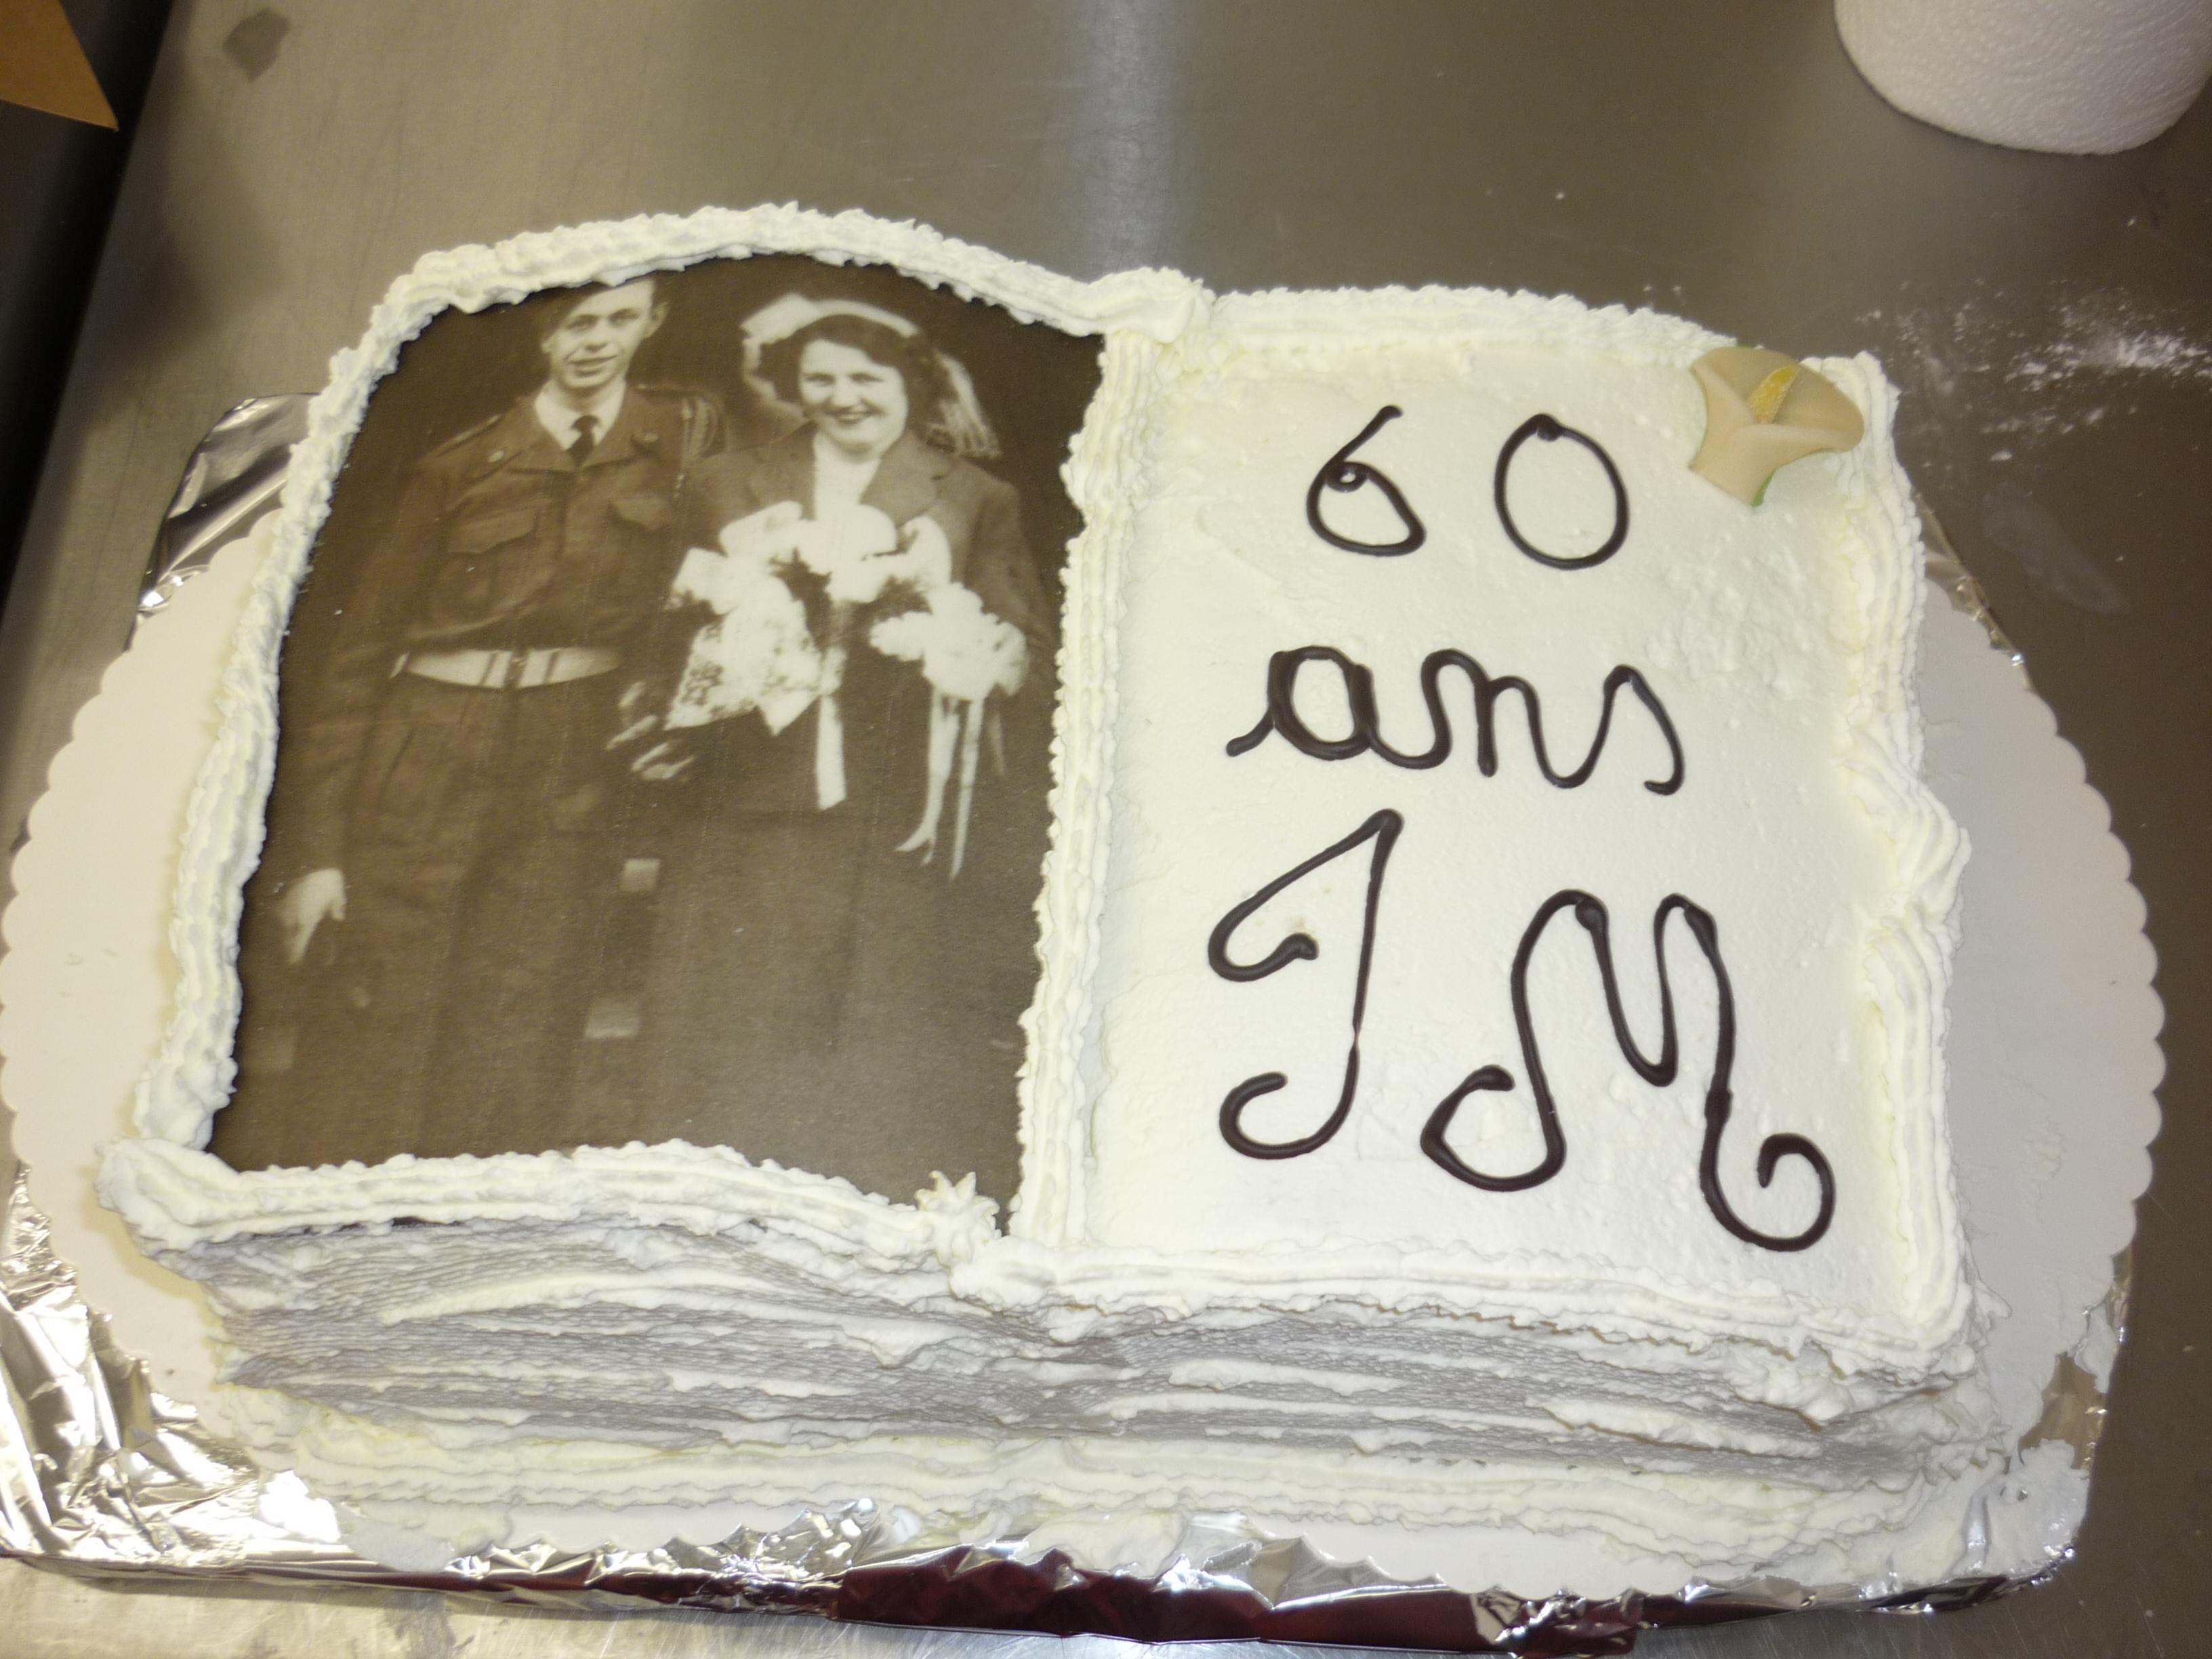 Un Petit Gateau Pour Le 60e Anniversaire De Mariage De Mes